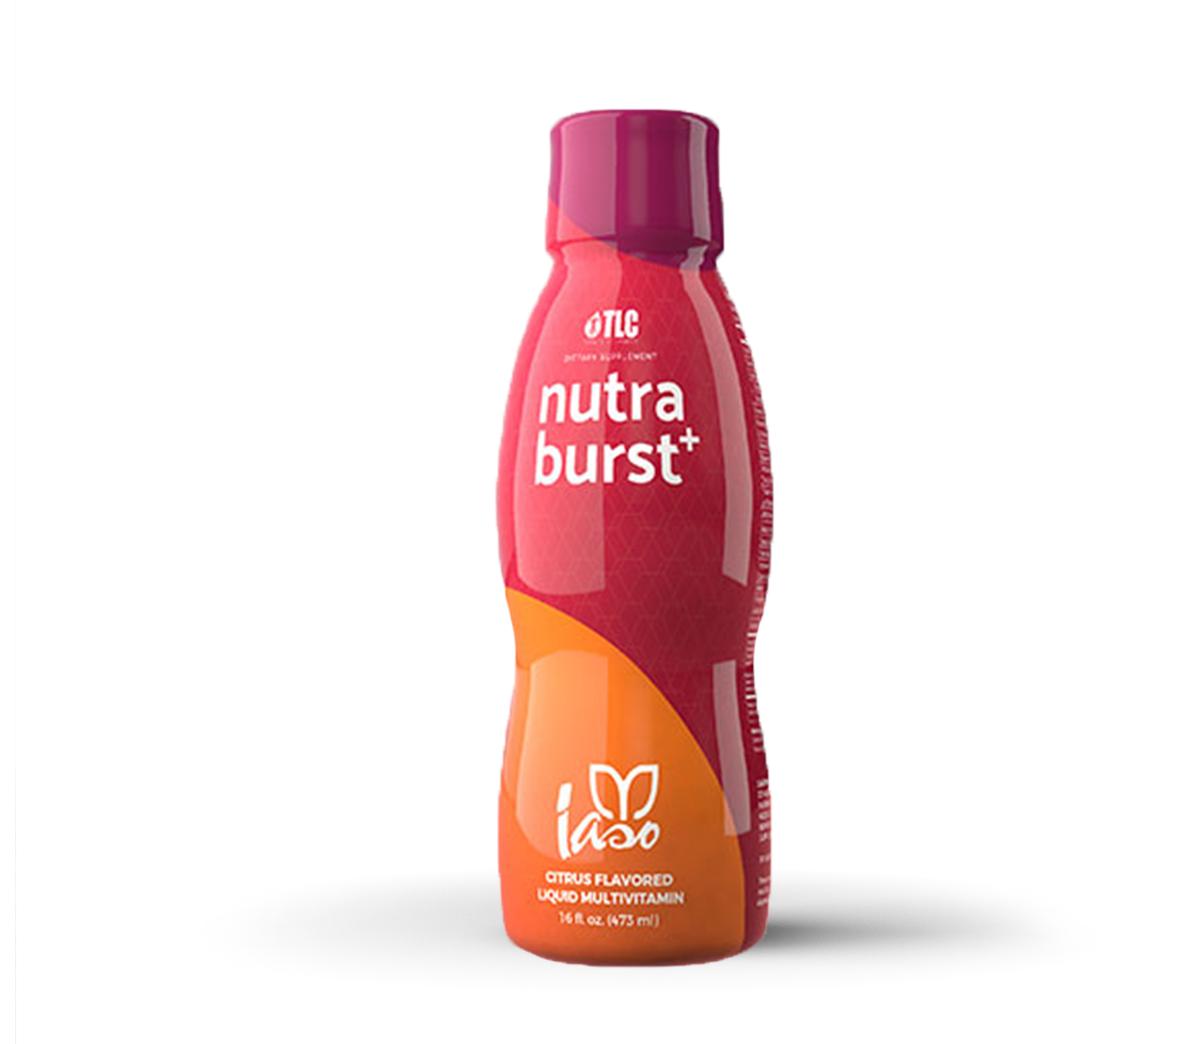 Nutra Burst+